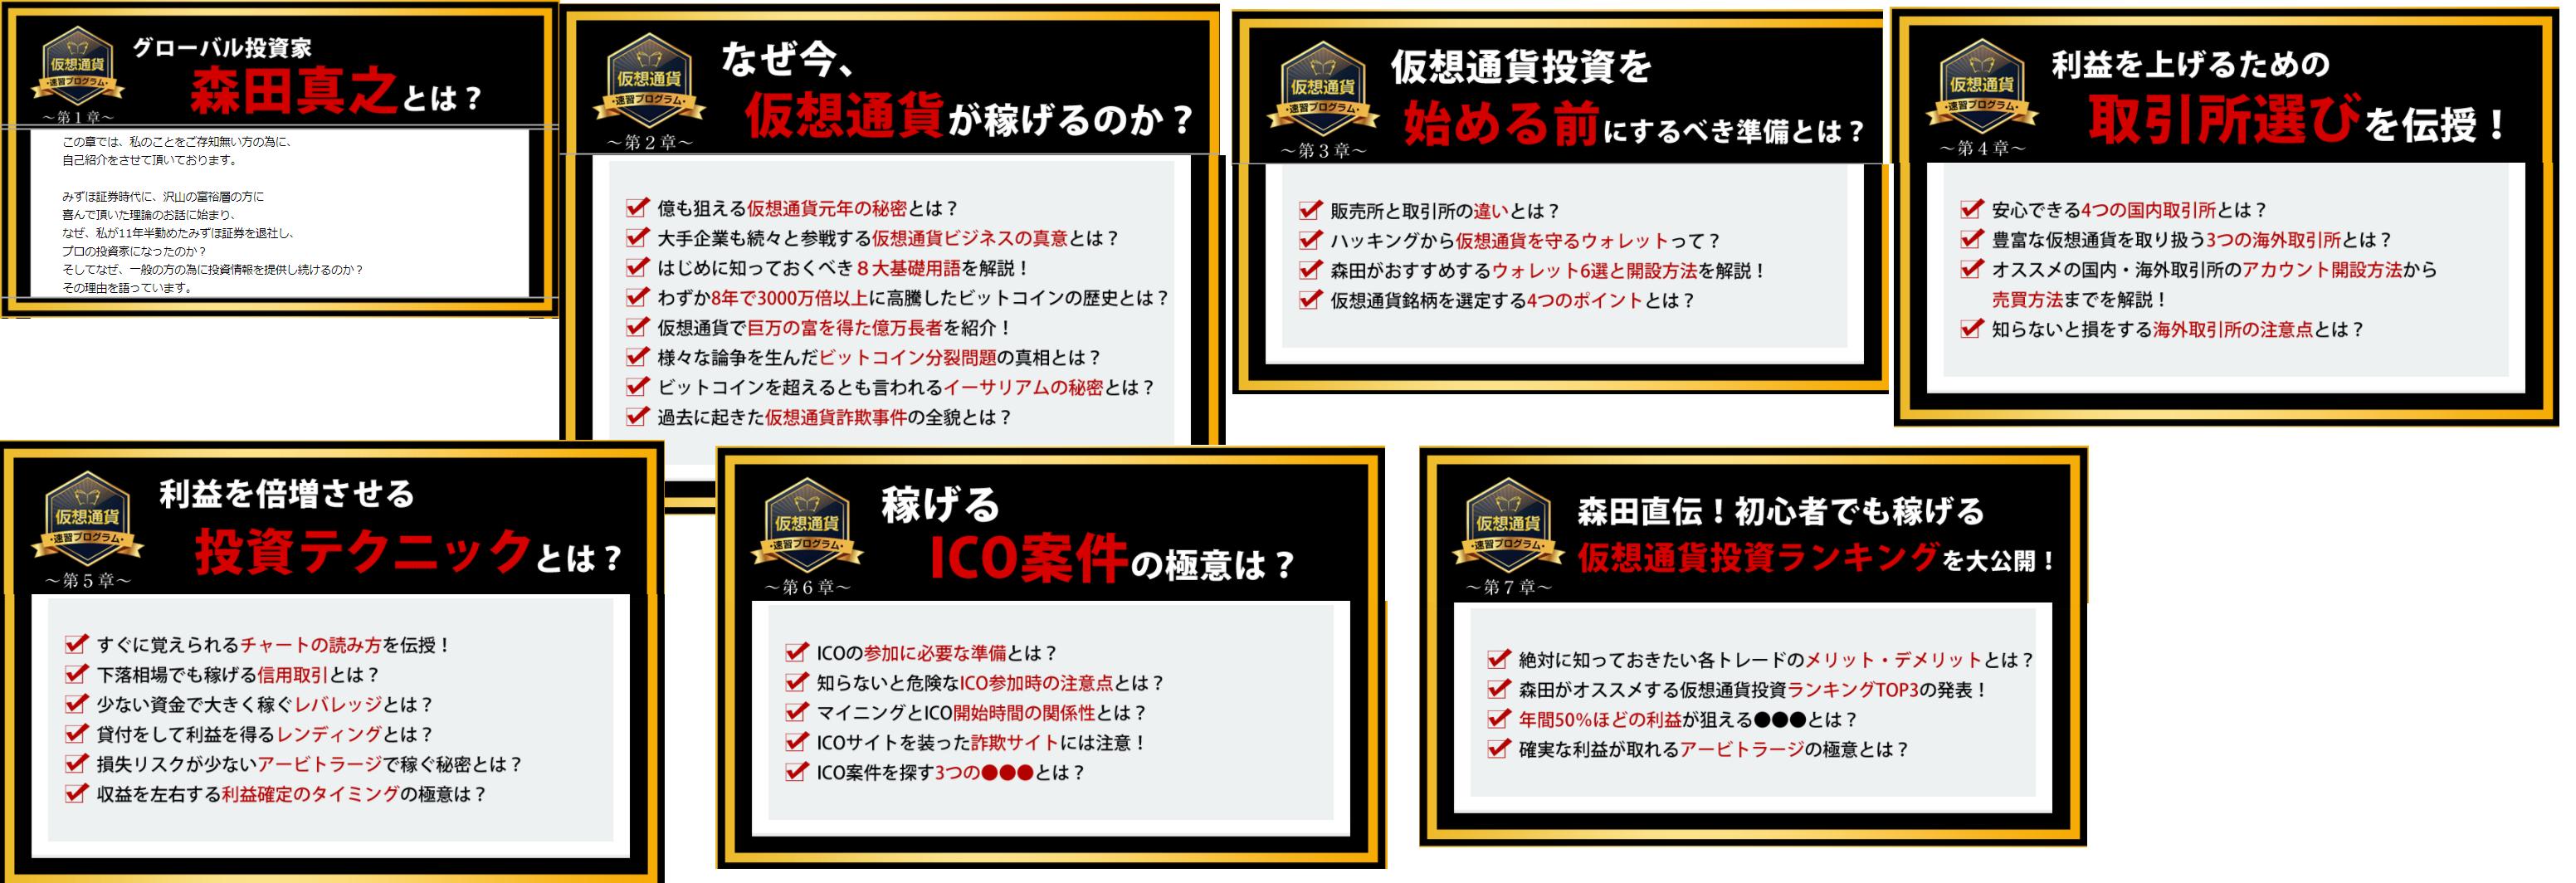 森田真之の仮想通貨速習プログラムの商品内容